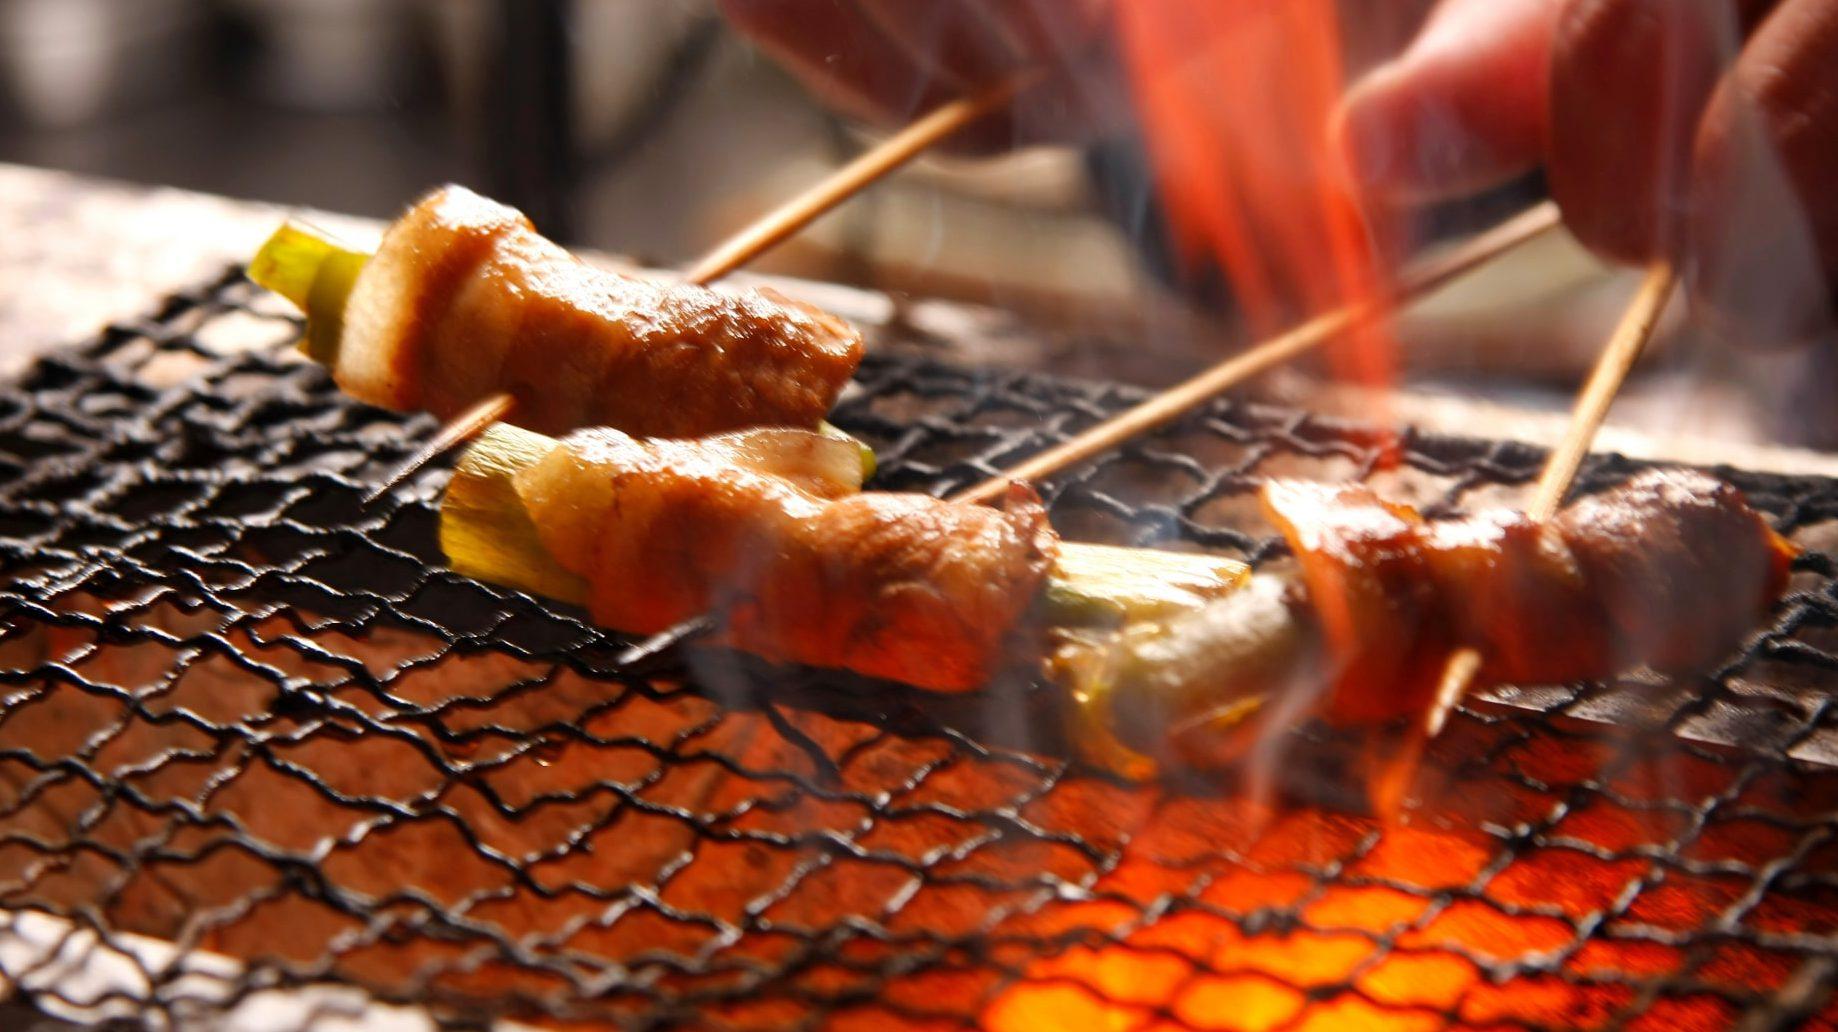 炭火焼で串焼きを焼く様子